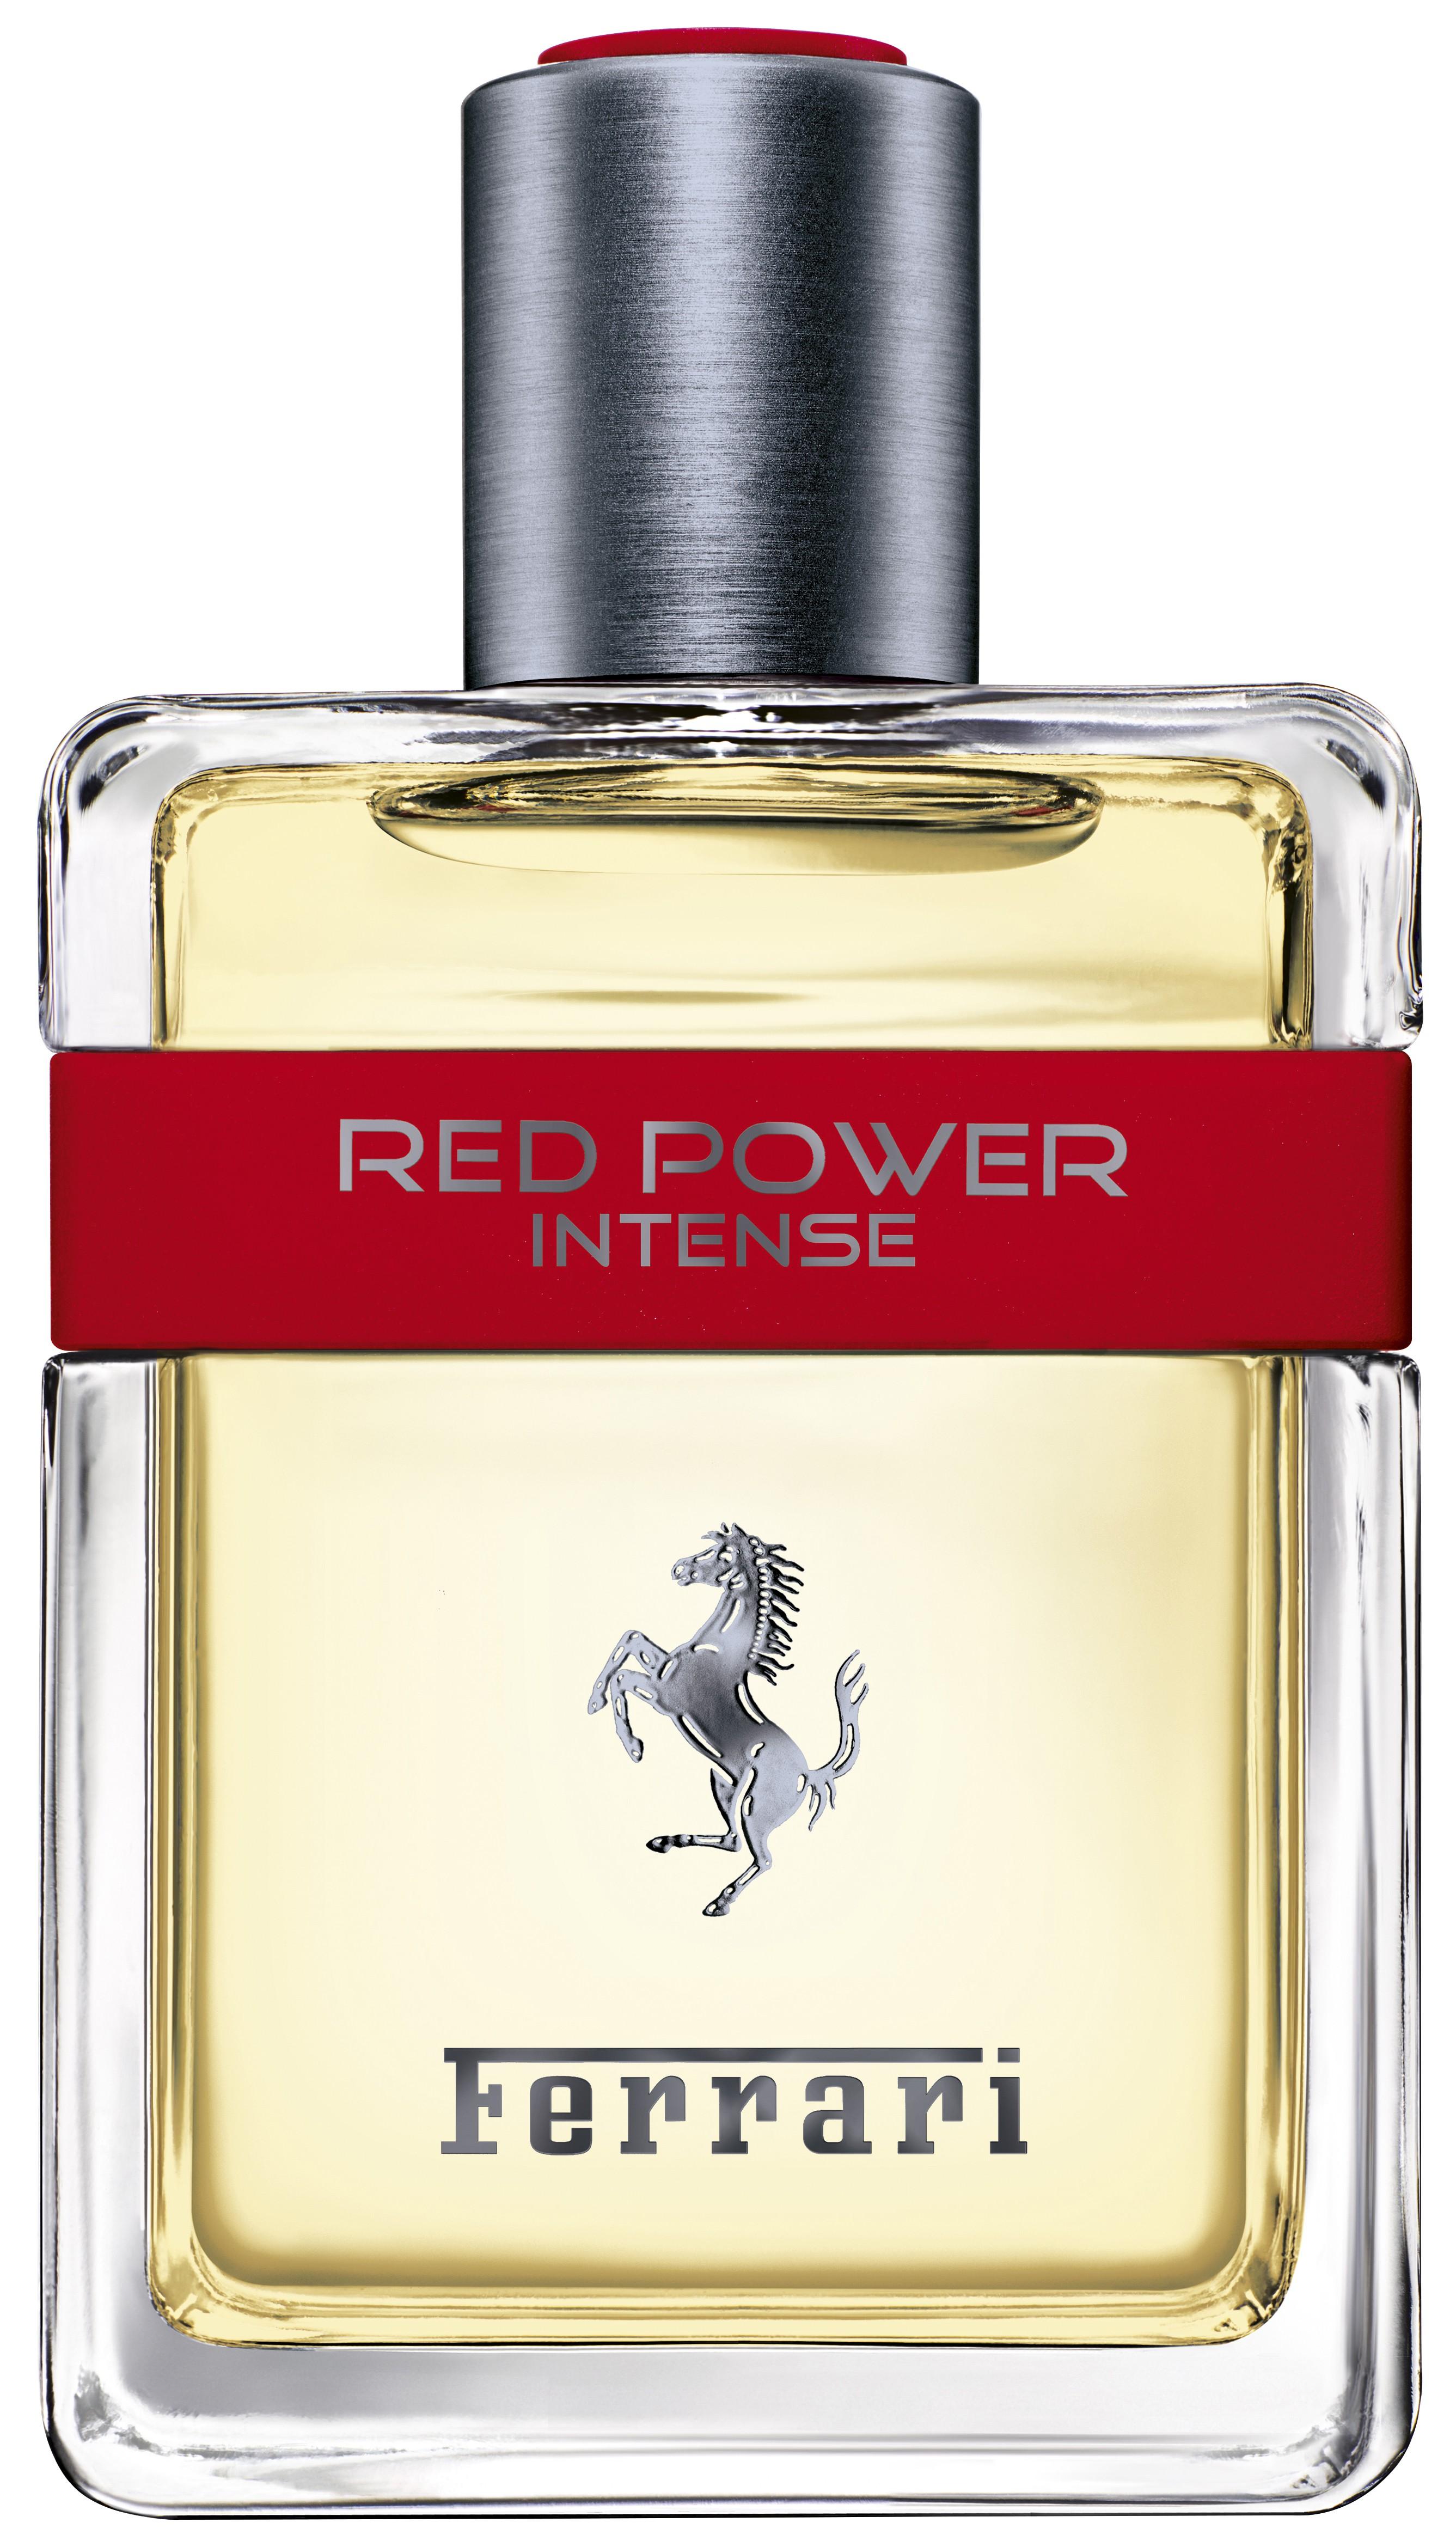 Ferrari Red Power Intense аромат для мужчин